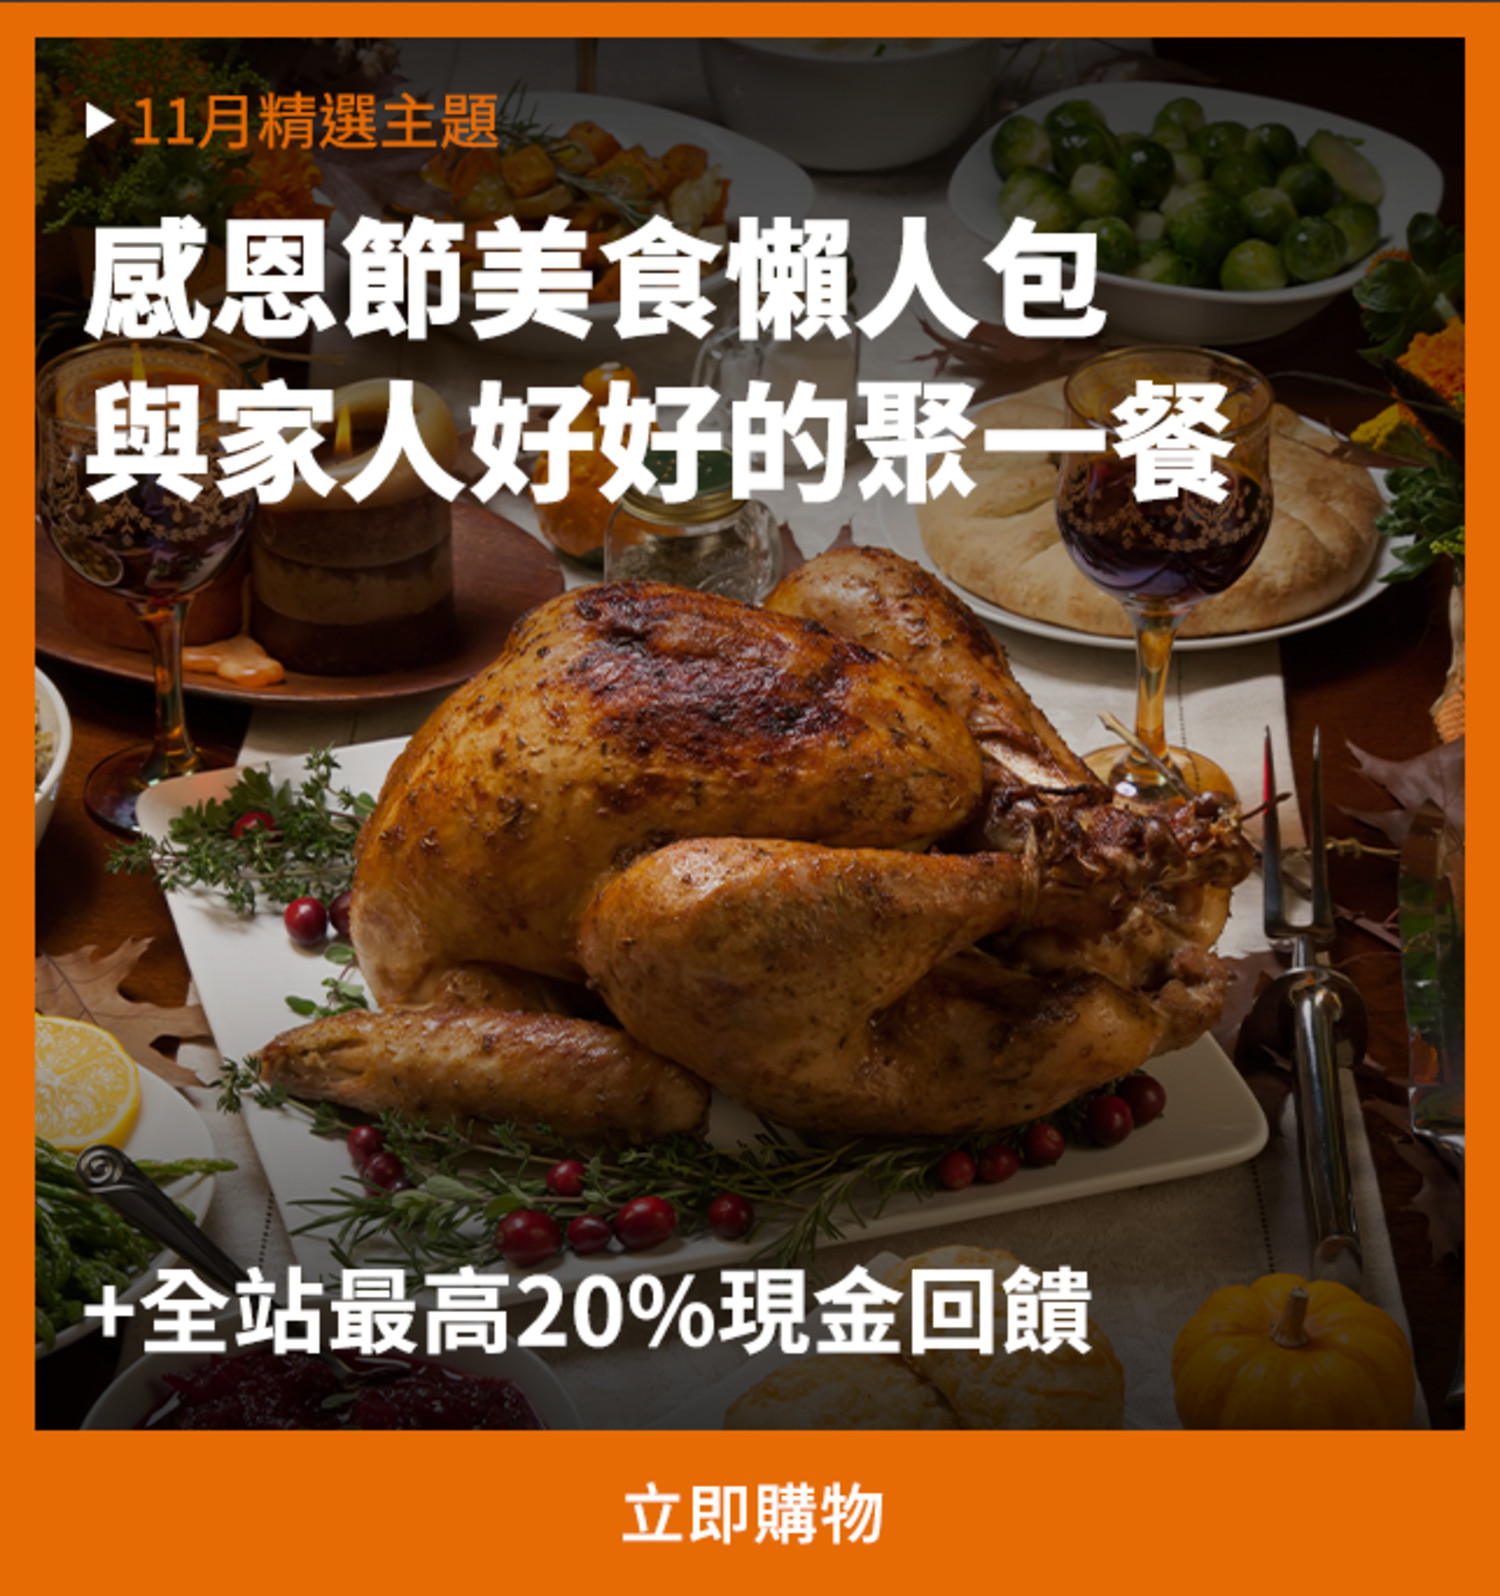 感恩節 團購美食特蒐